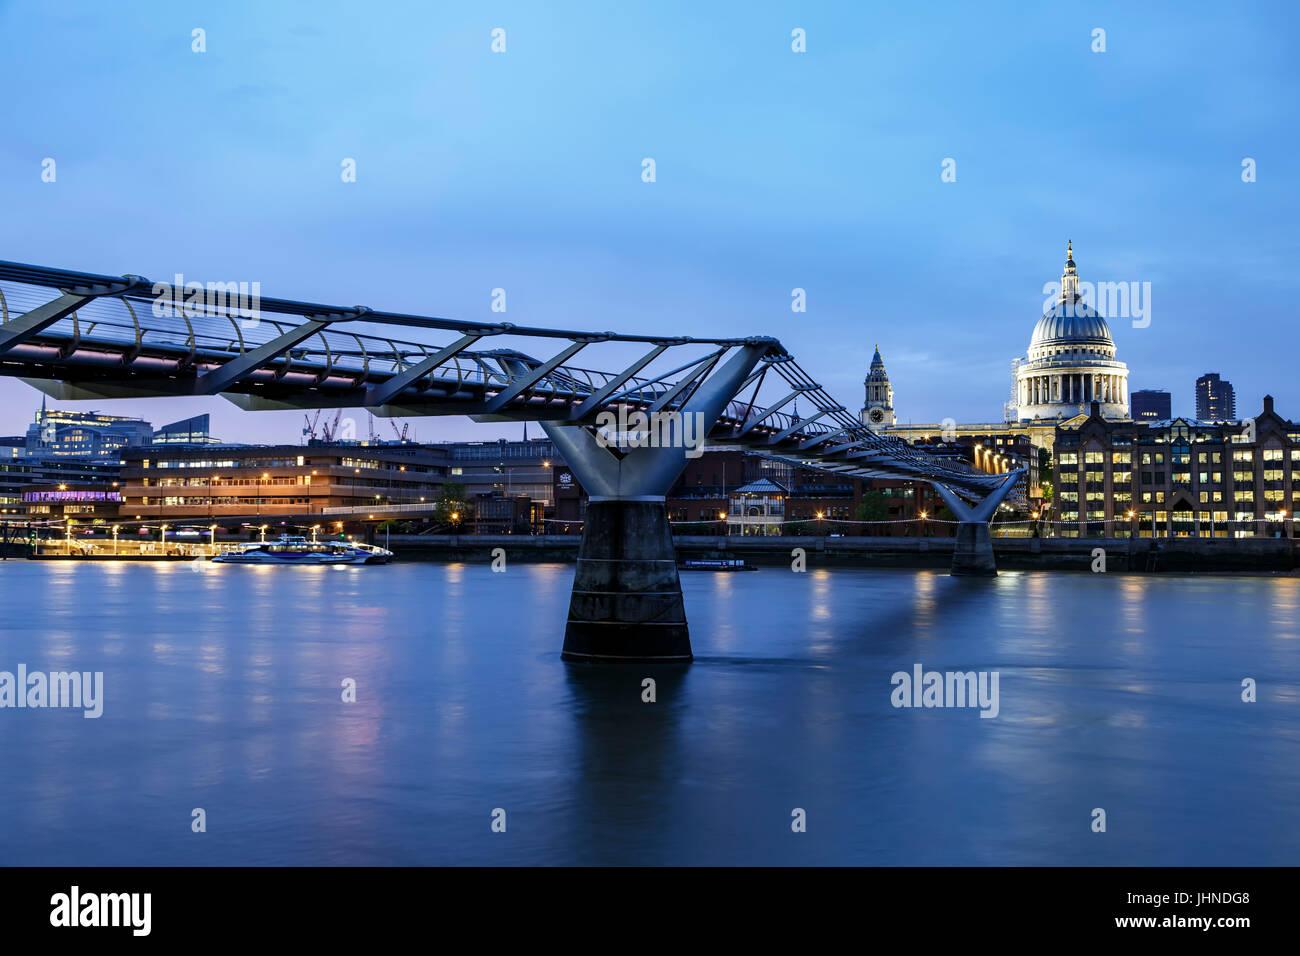 La Cathédrale St Paul, Millennium Bridge et la Tamise, Londres, Angleterre, Royaume-Uni Banque D'Images